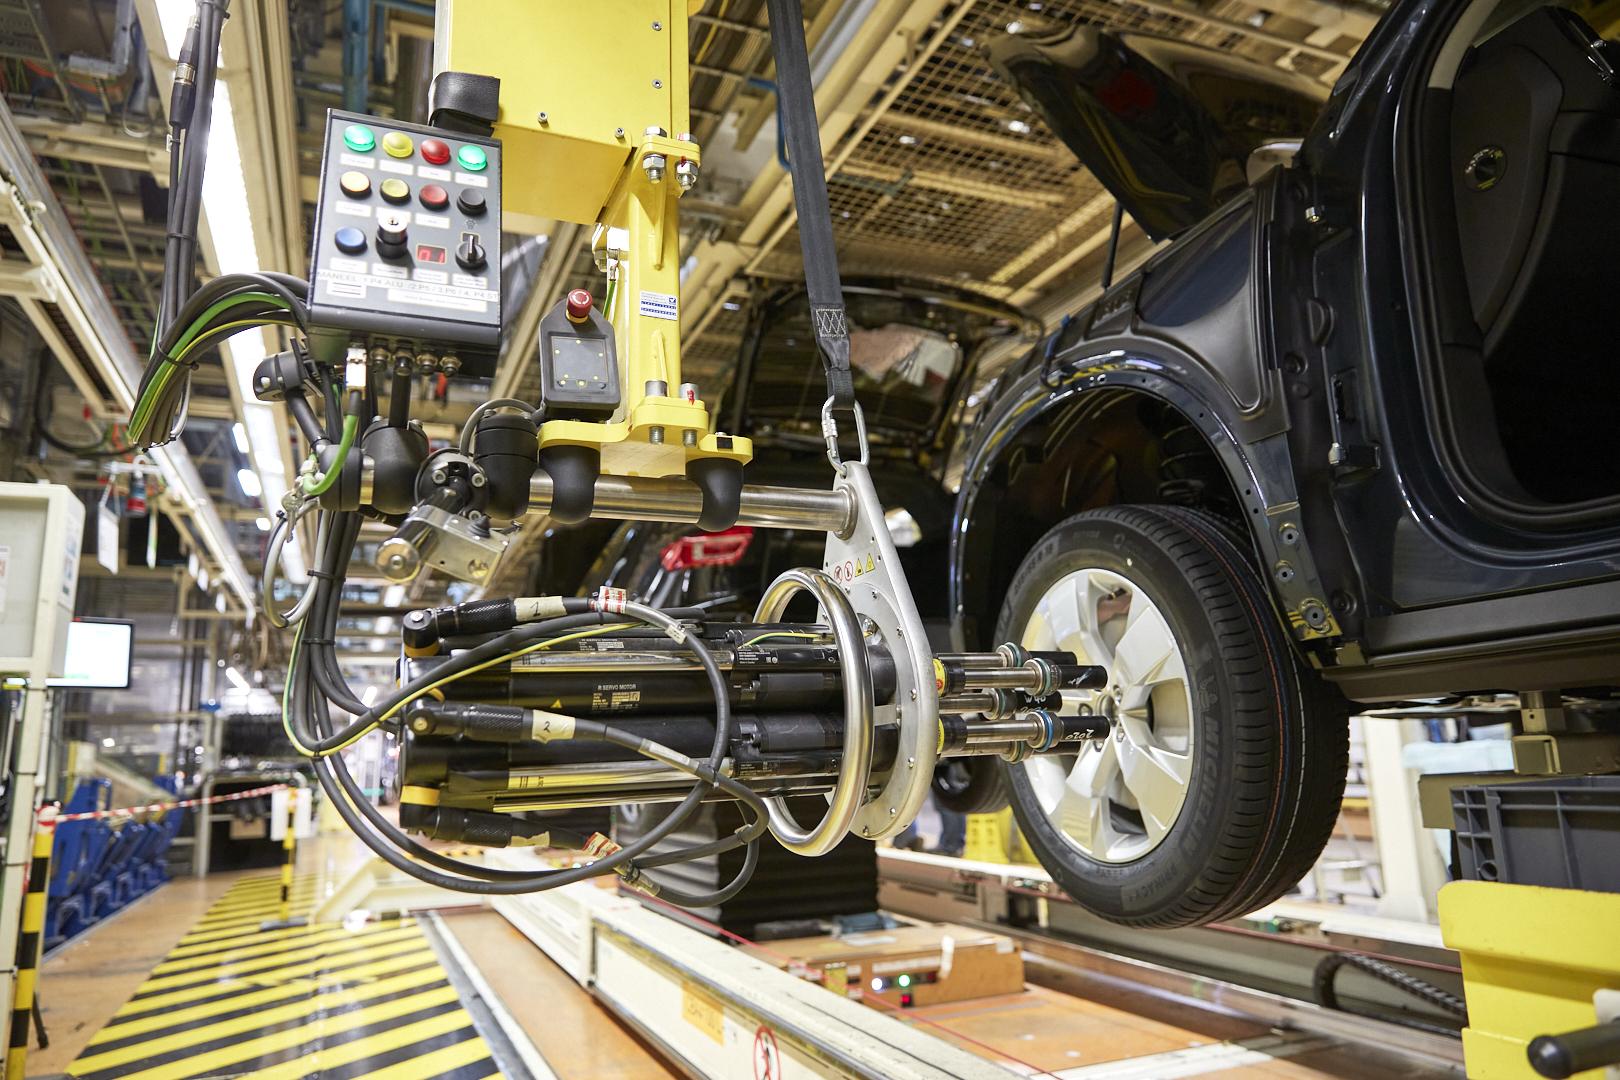 ATS Machinebouw